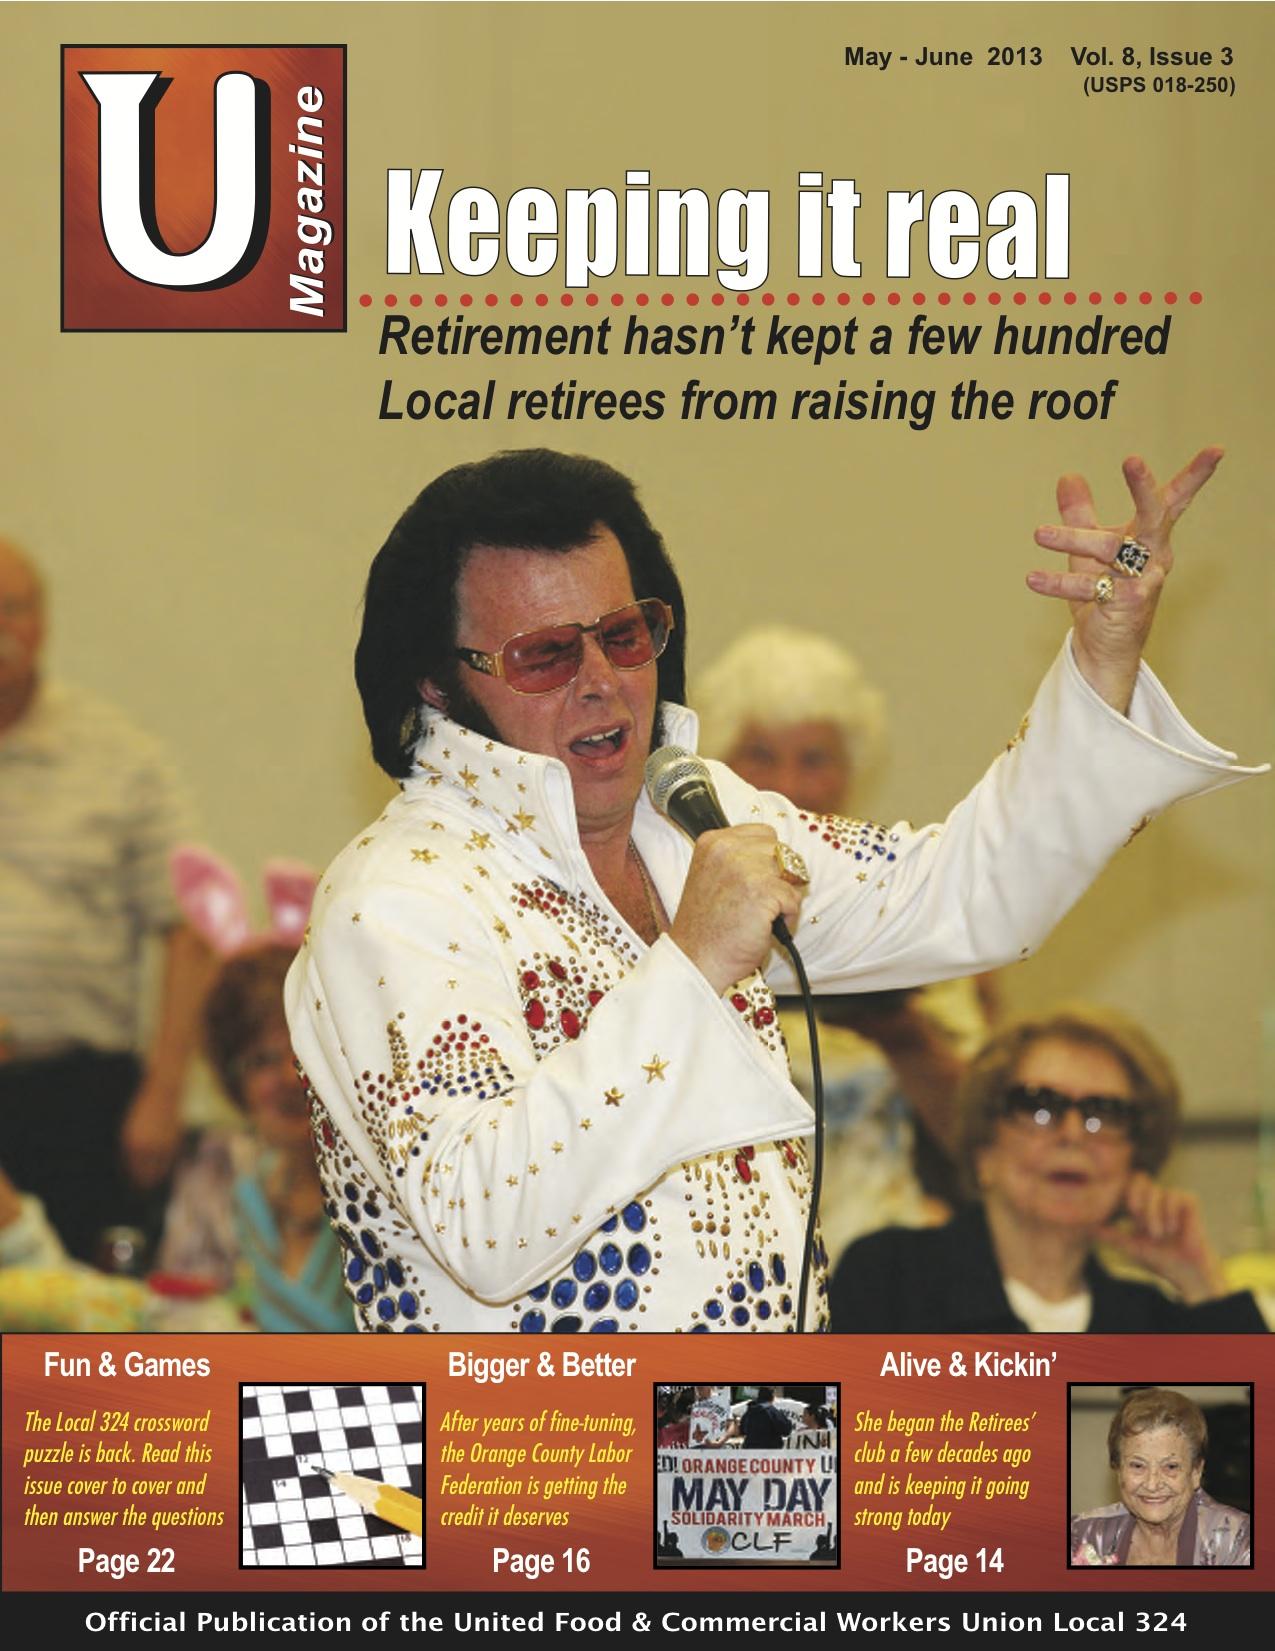 UMagazine May-June 2013